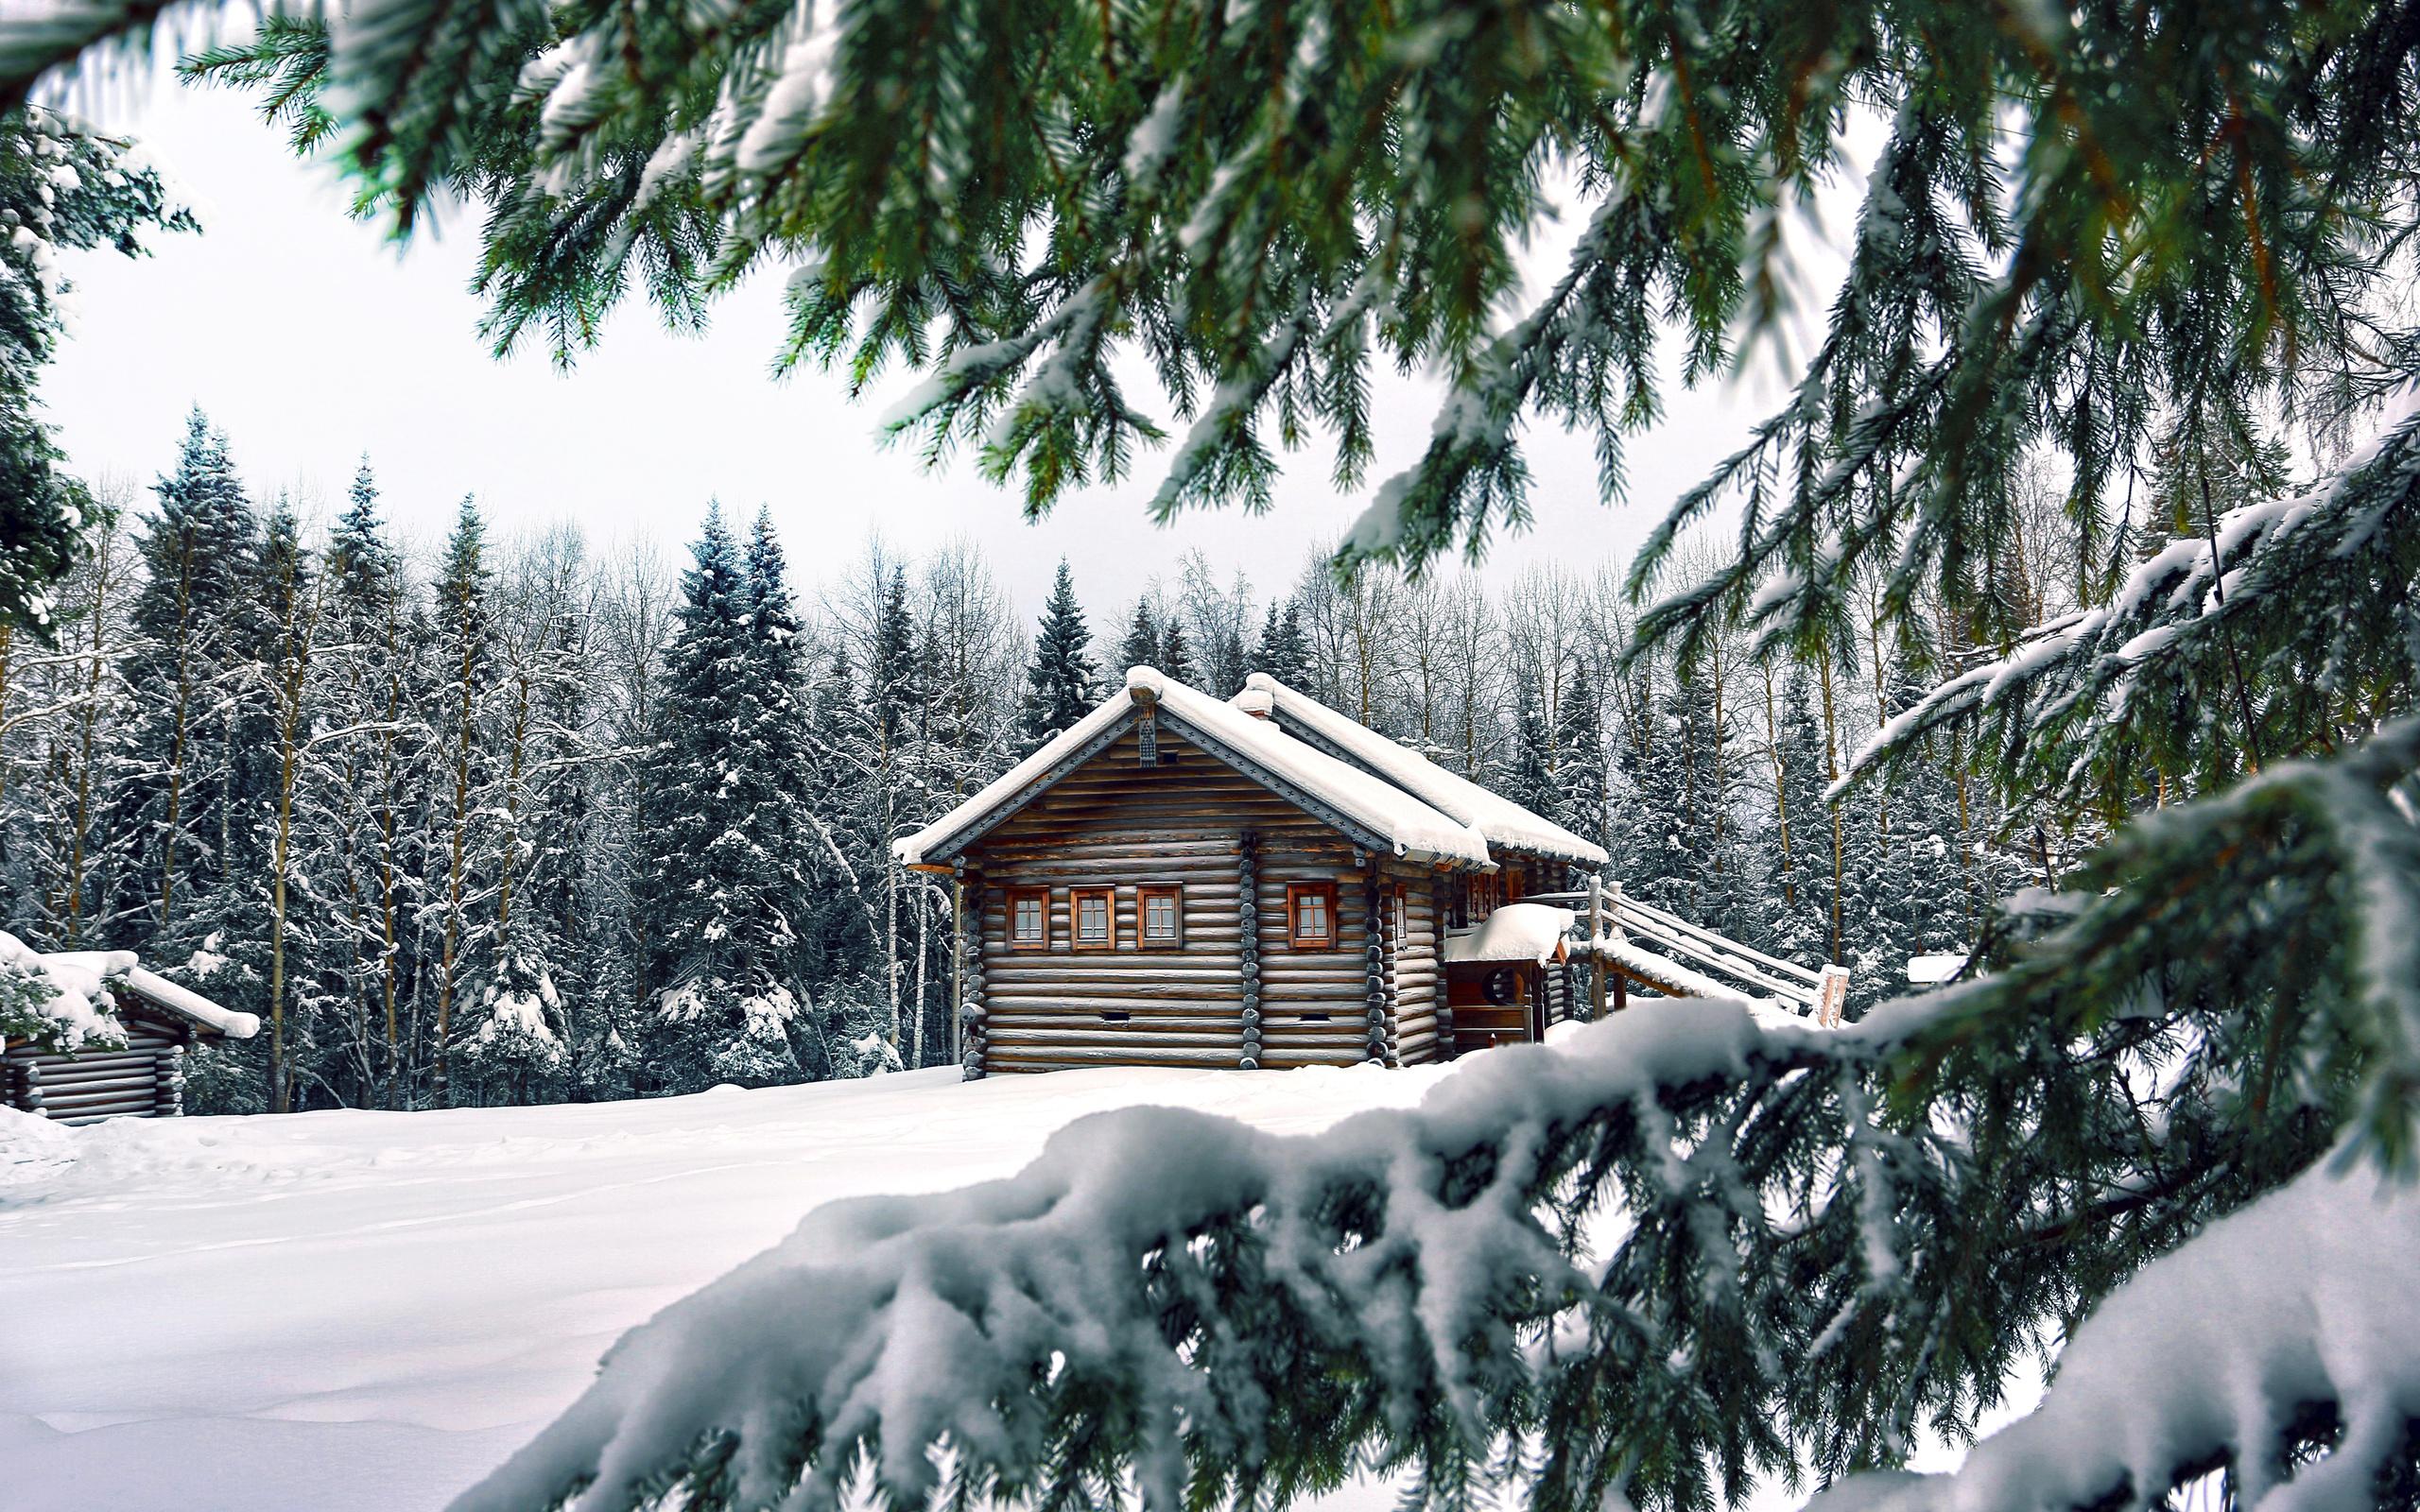 картинка домика в снегу въехать как